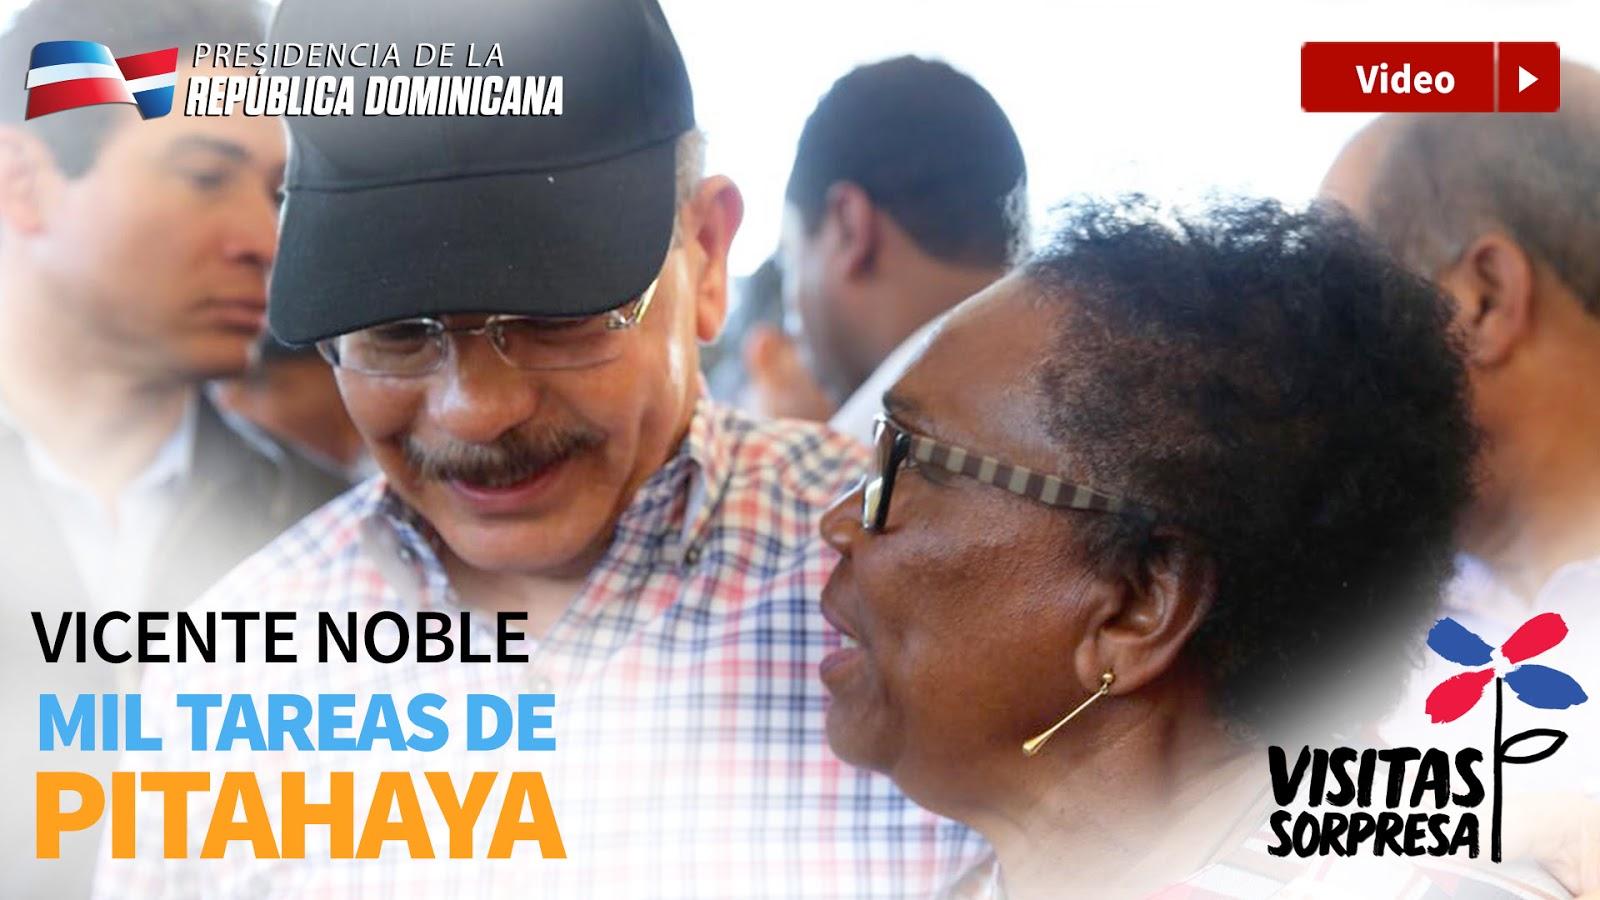 VIDEO: VS196. Danilo lleva apoyo productores pitahaya Vicente Noble. Garantiza convertirlos en clase media